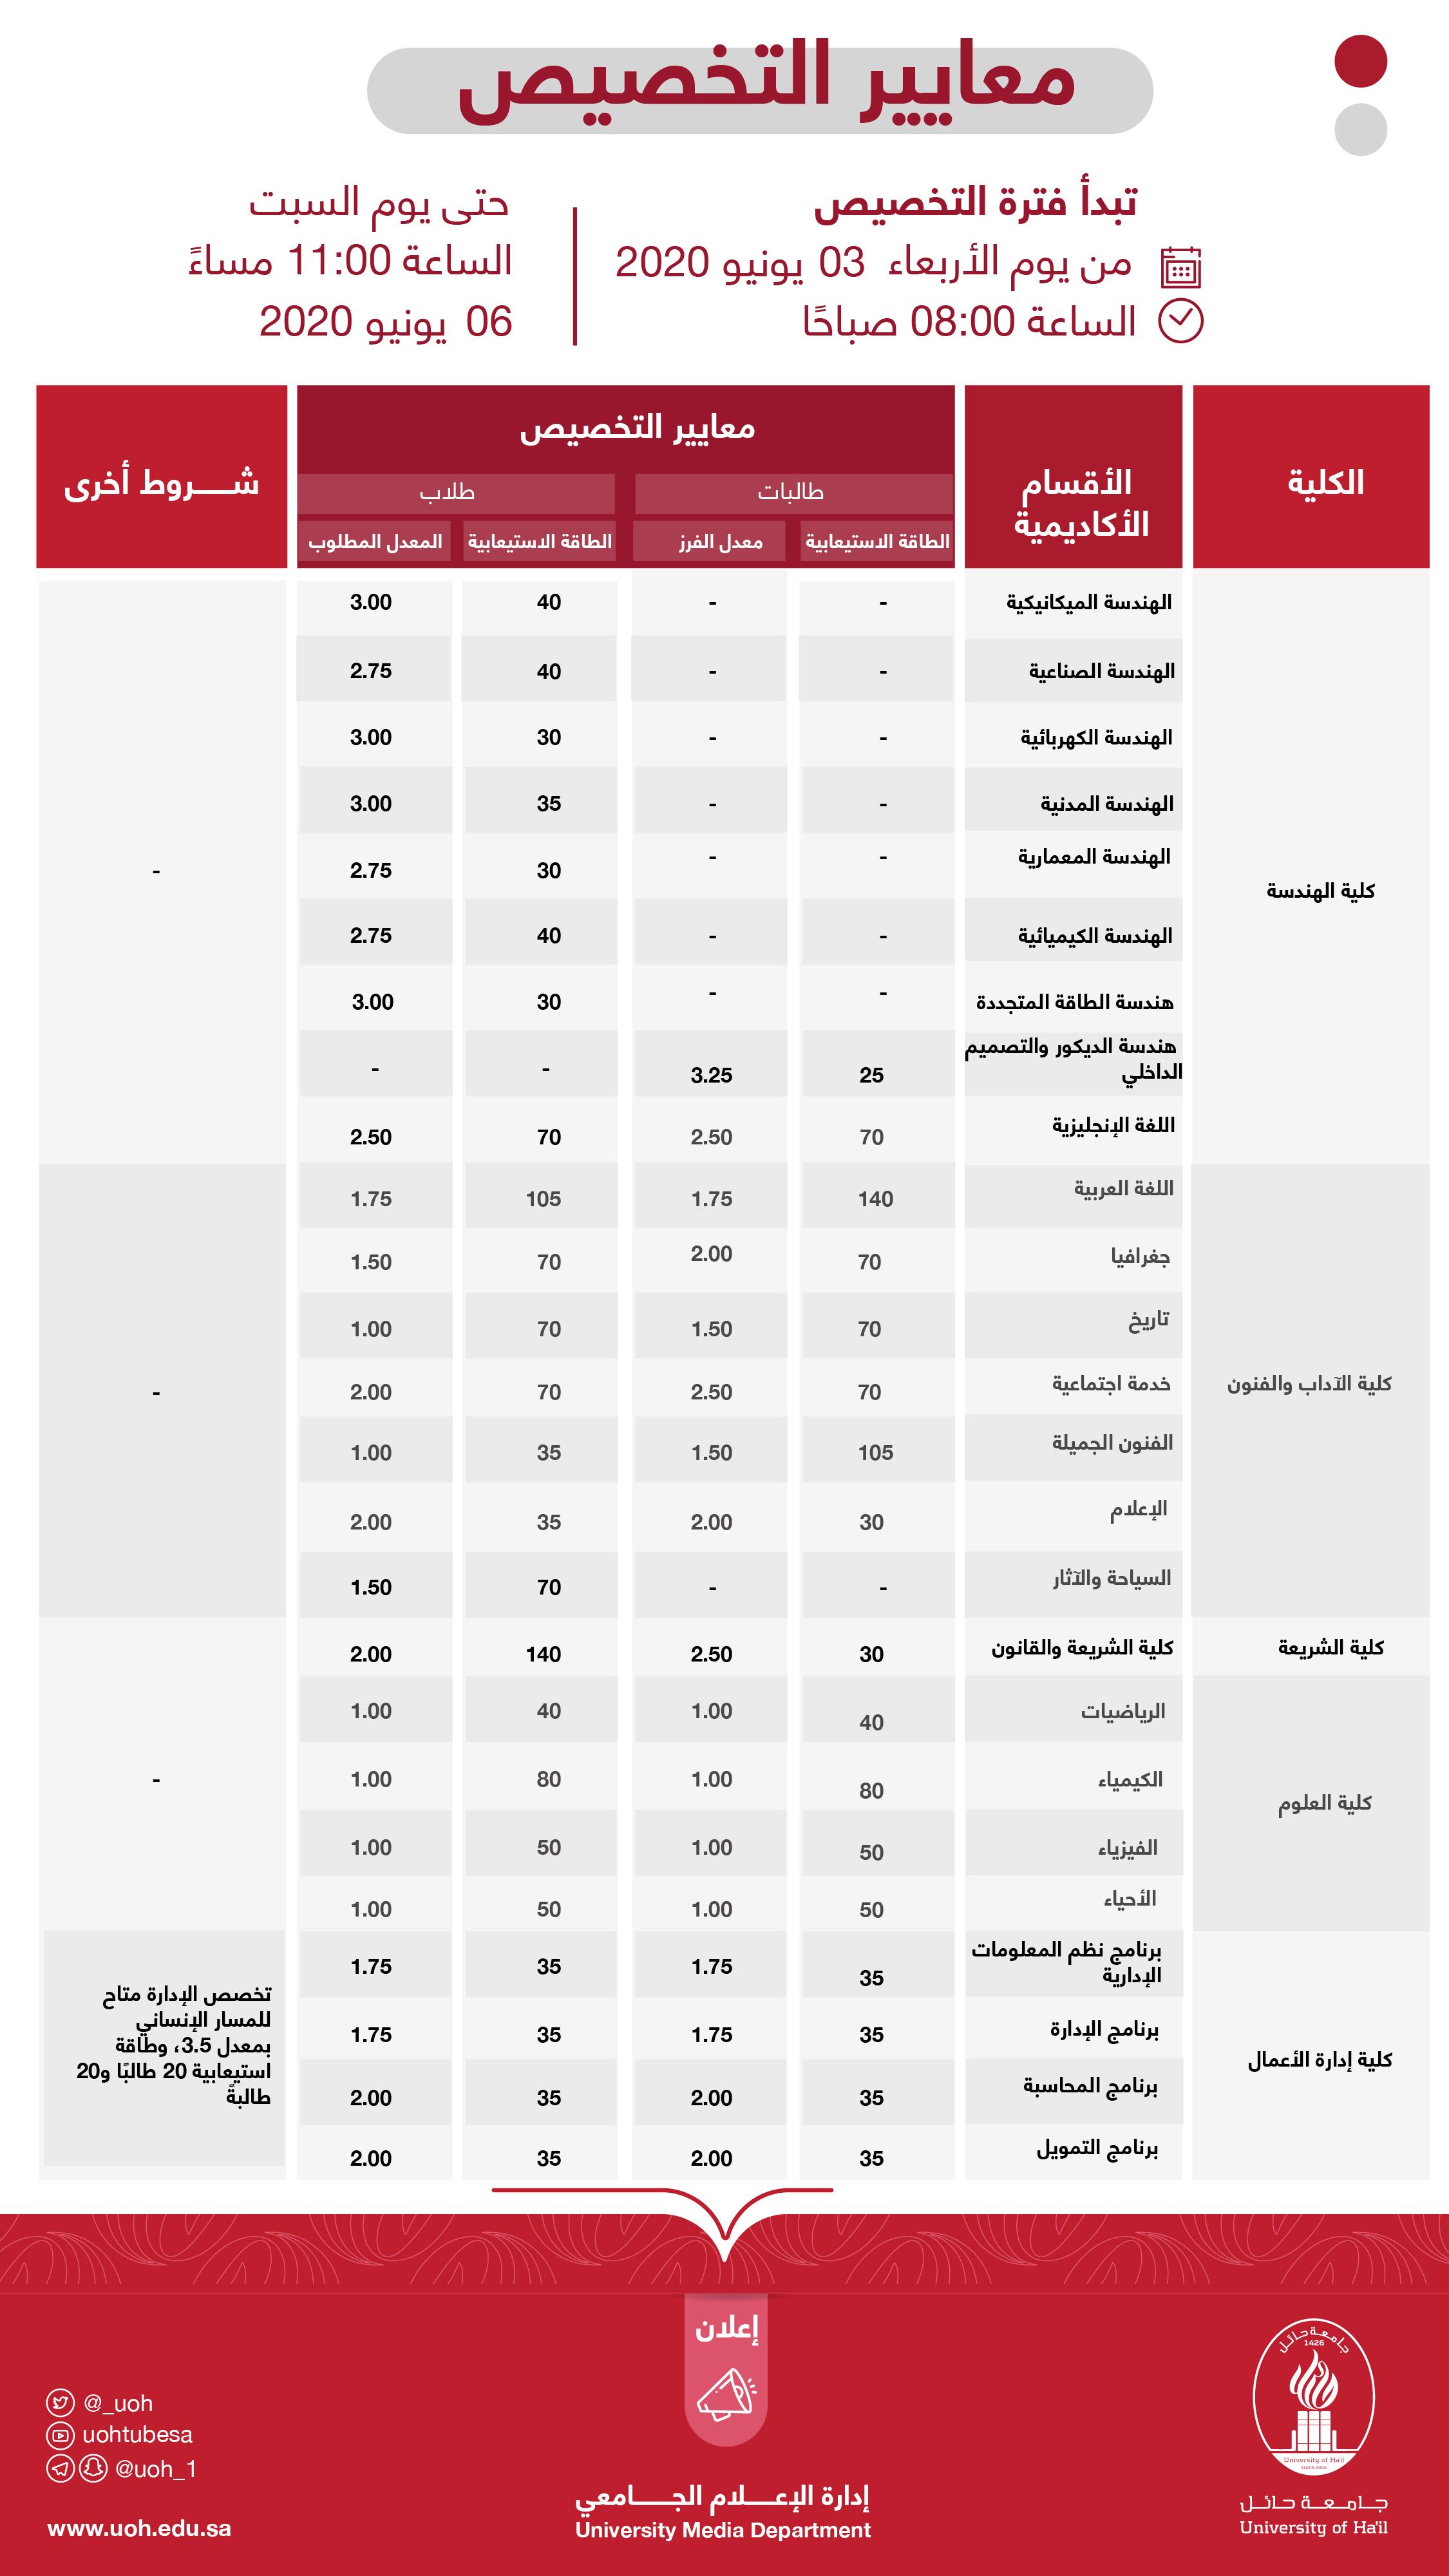 حساب معدل التخصيص لطلبة السنة التحضيرية